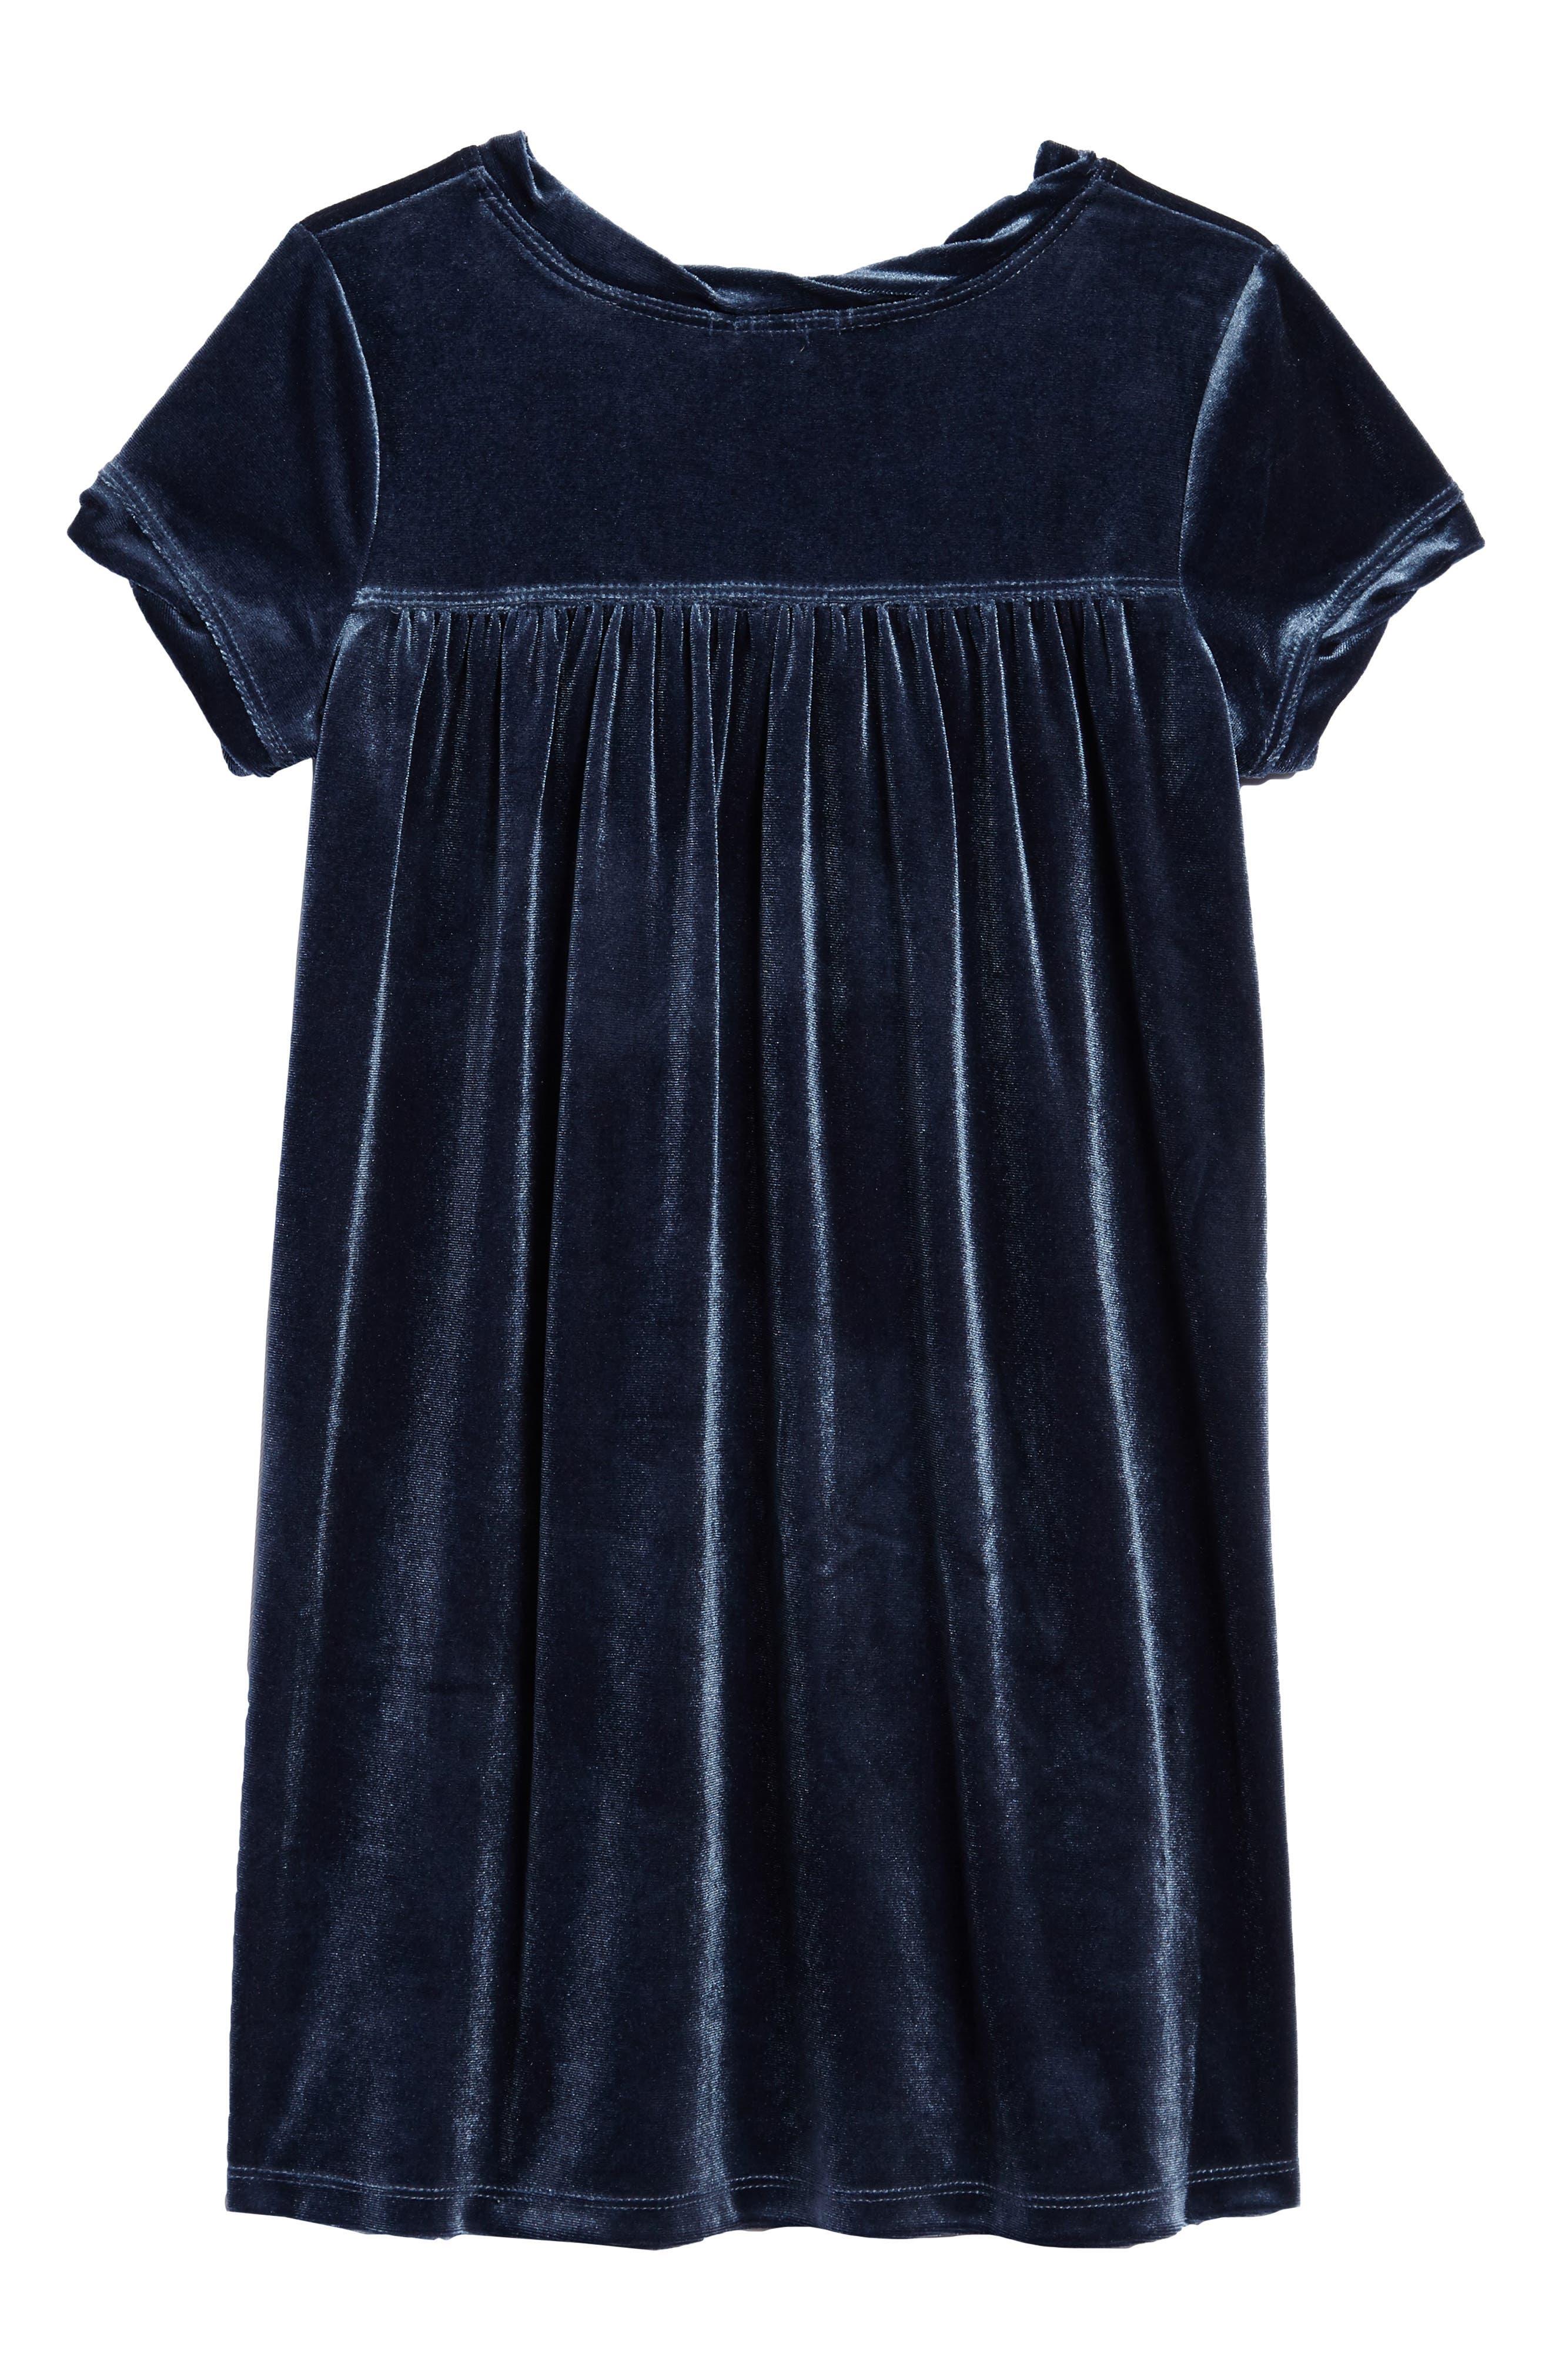 Alternate Image 2  - Splendid Velour Shift Dress (Big Girls)